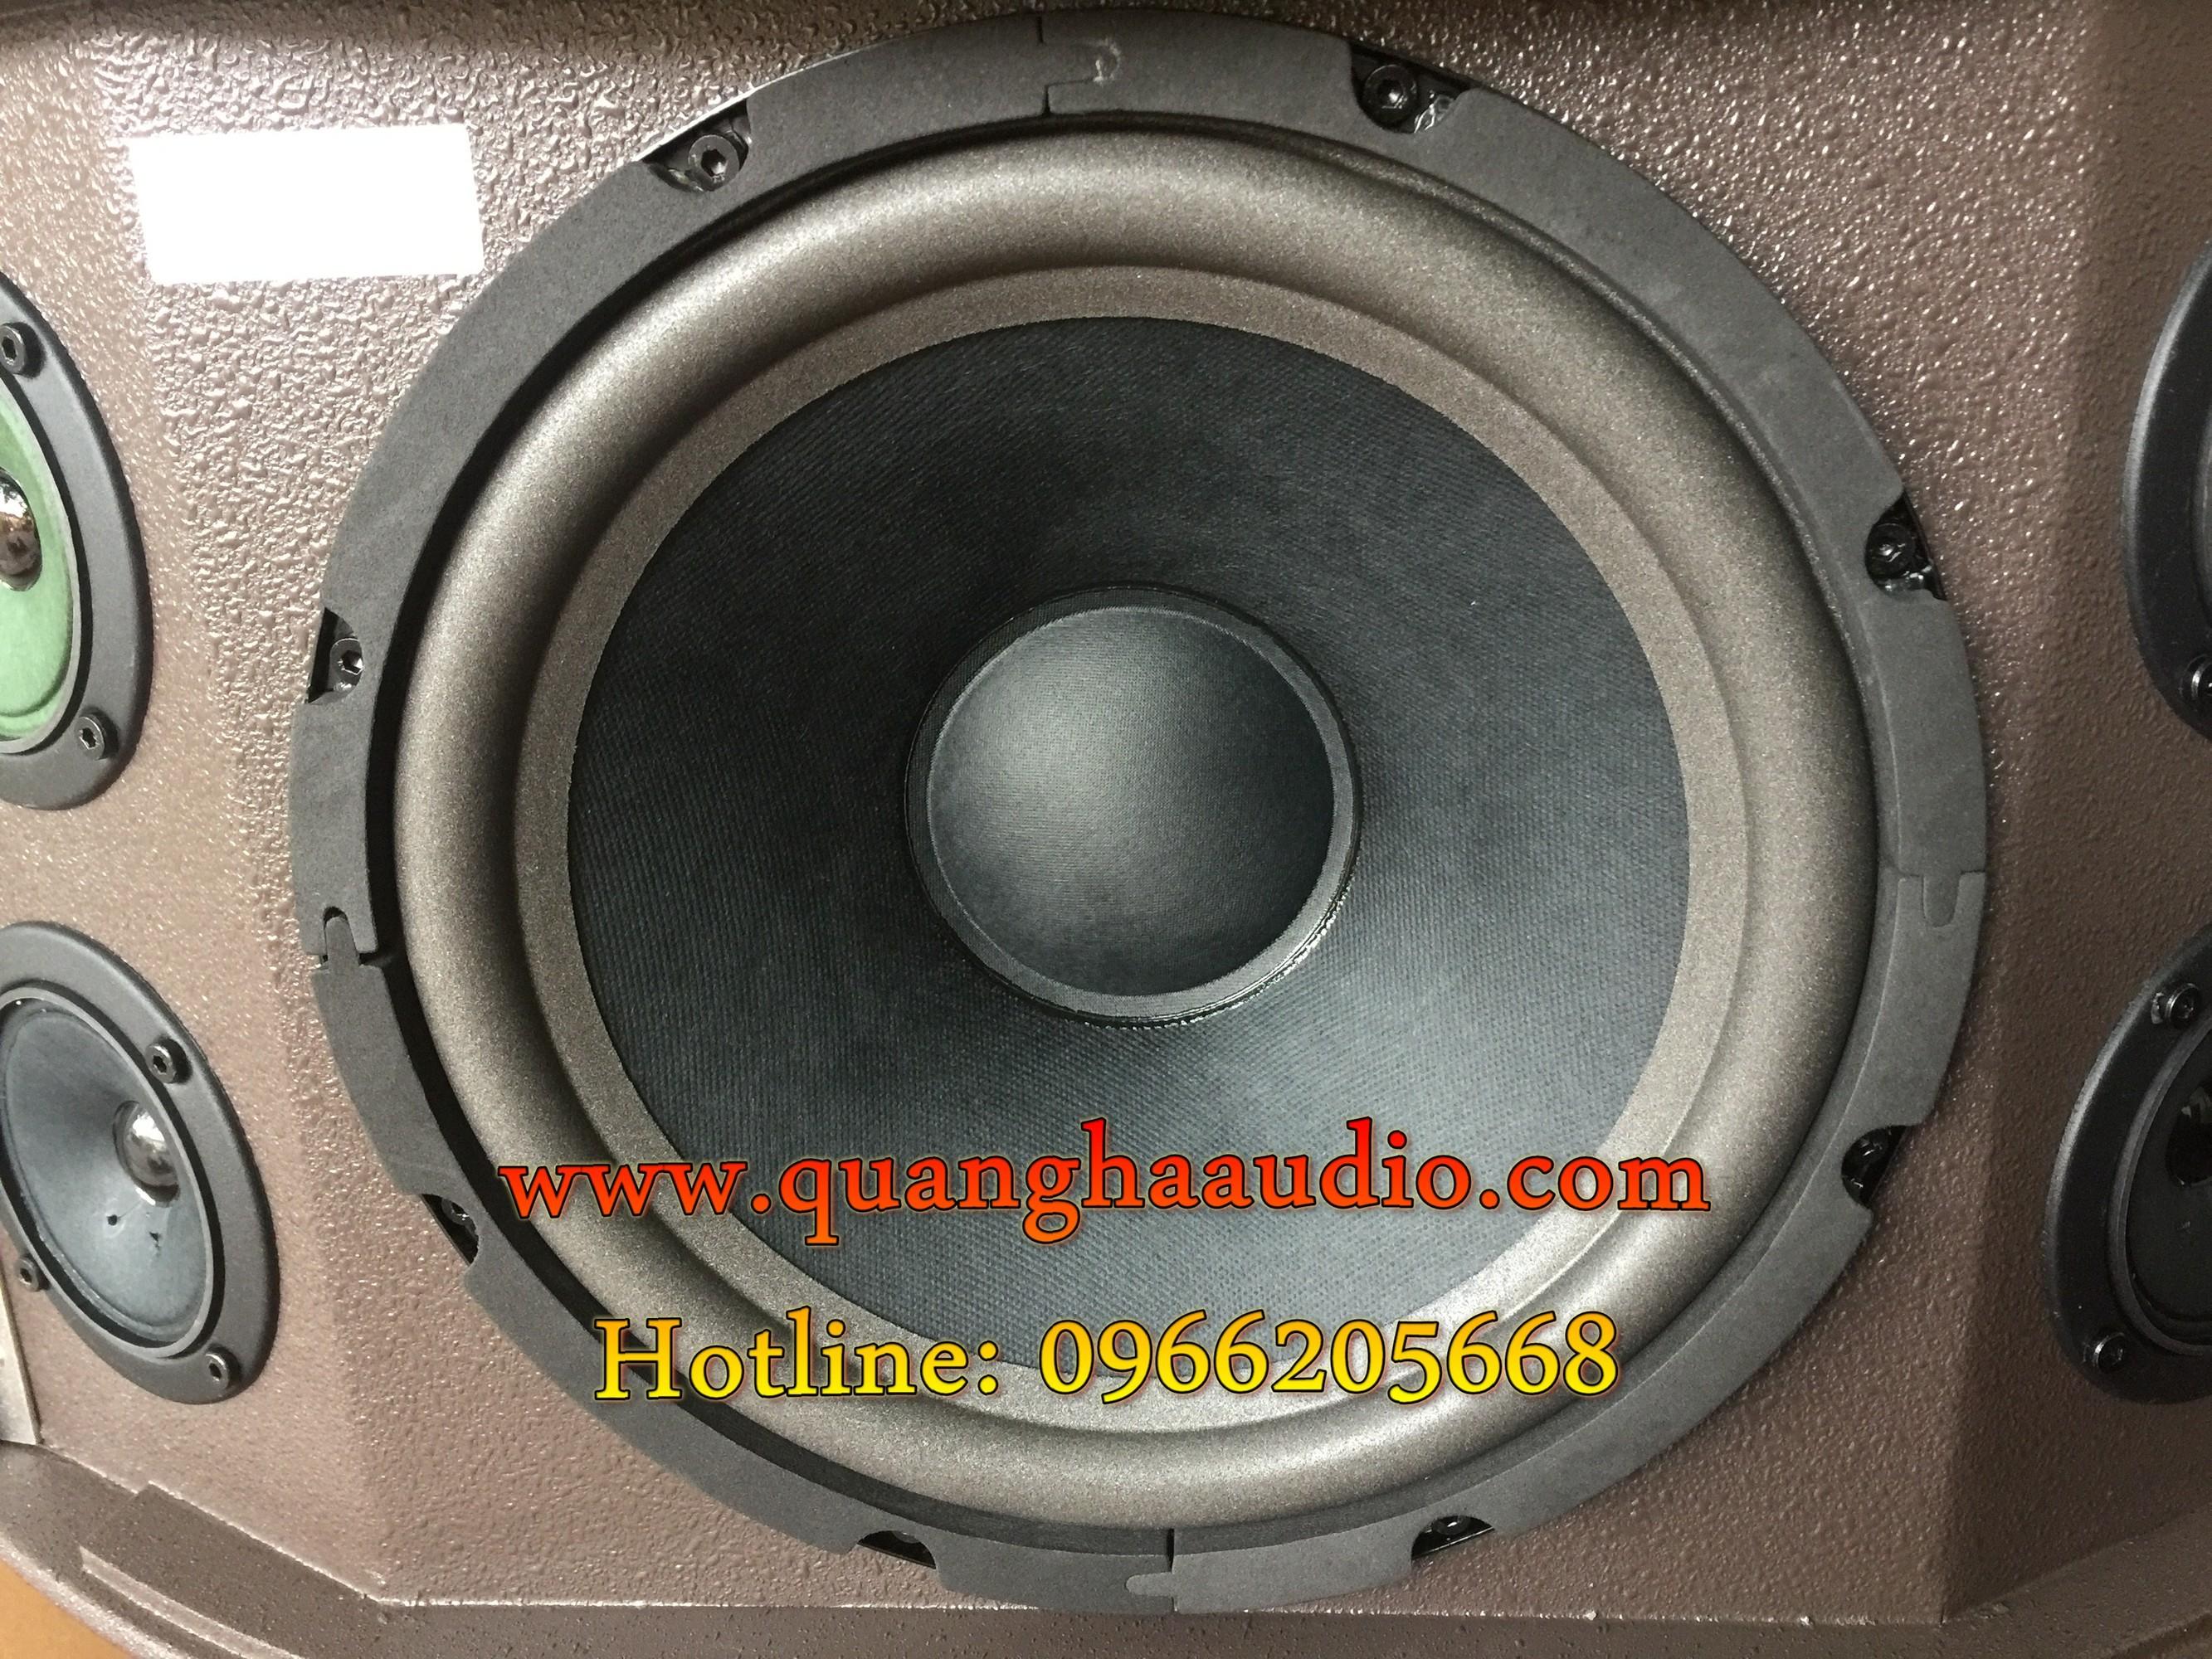 2 Bán loa PDCJ 850 âm thanh hay giá rẻ